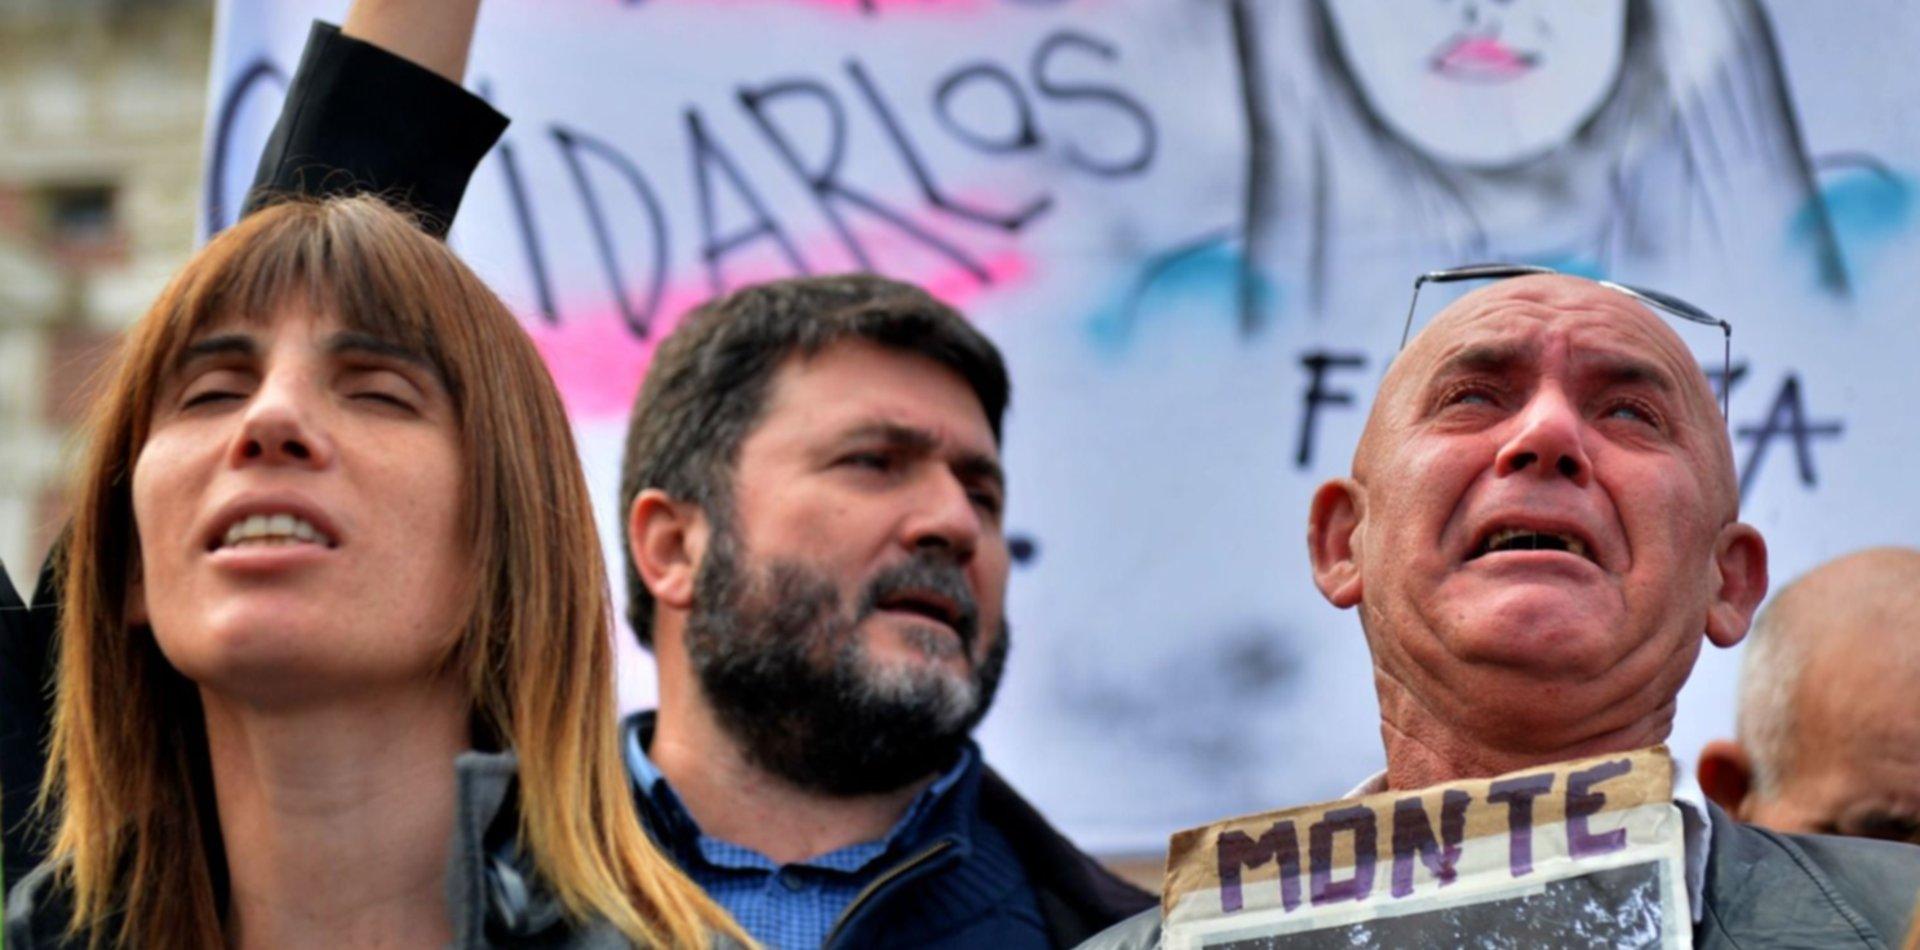 Familiares, amigos y ONGs marcharon en La Plata por Justicia por la masacre de Monte